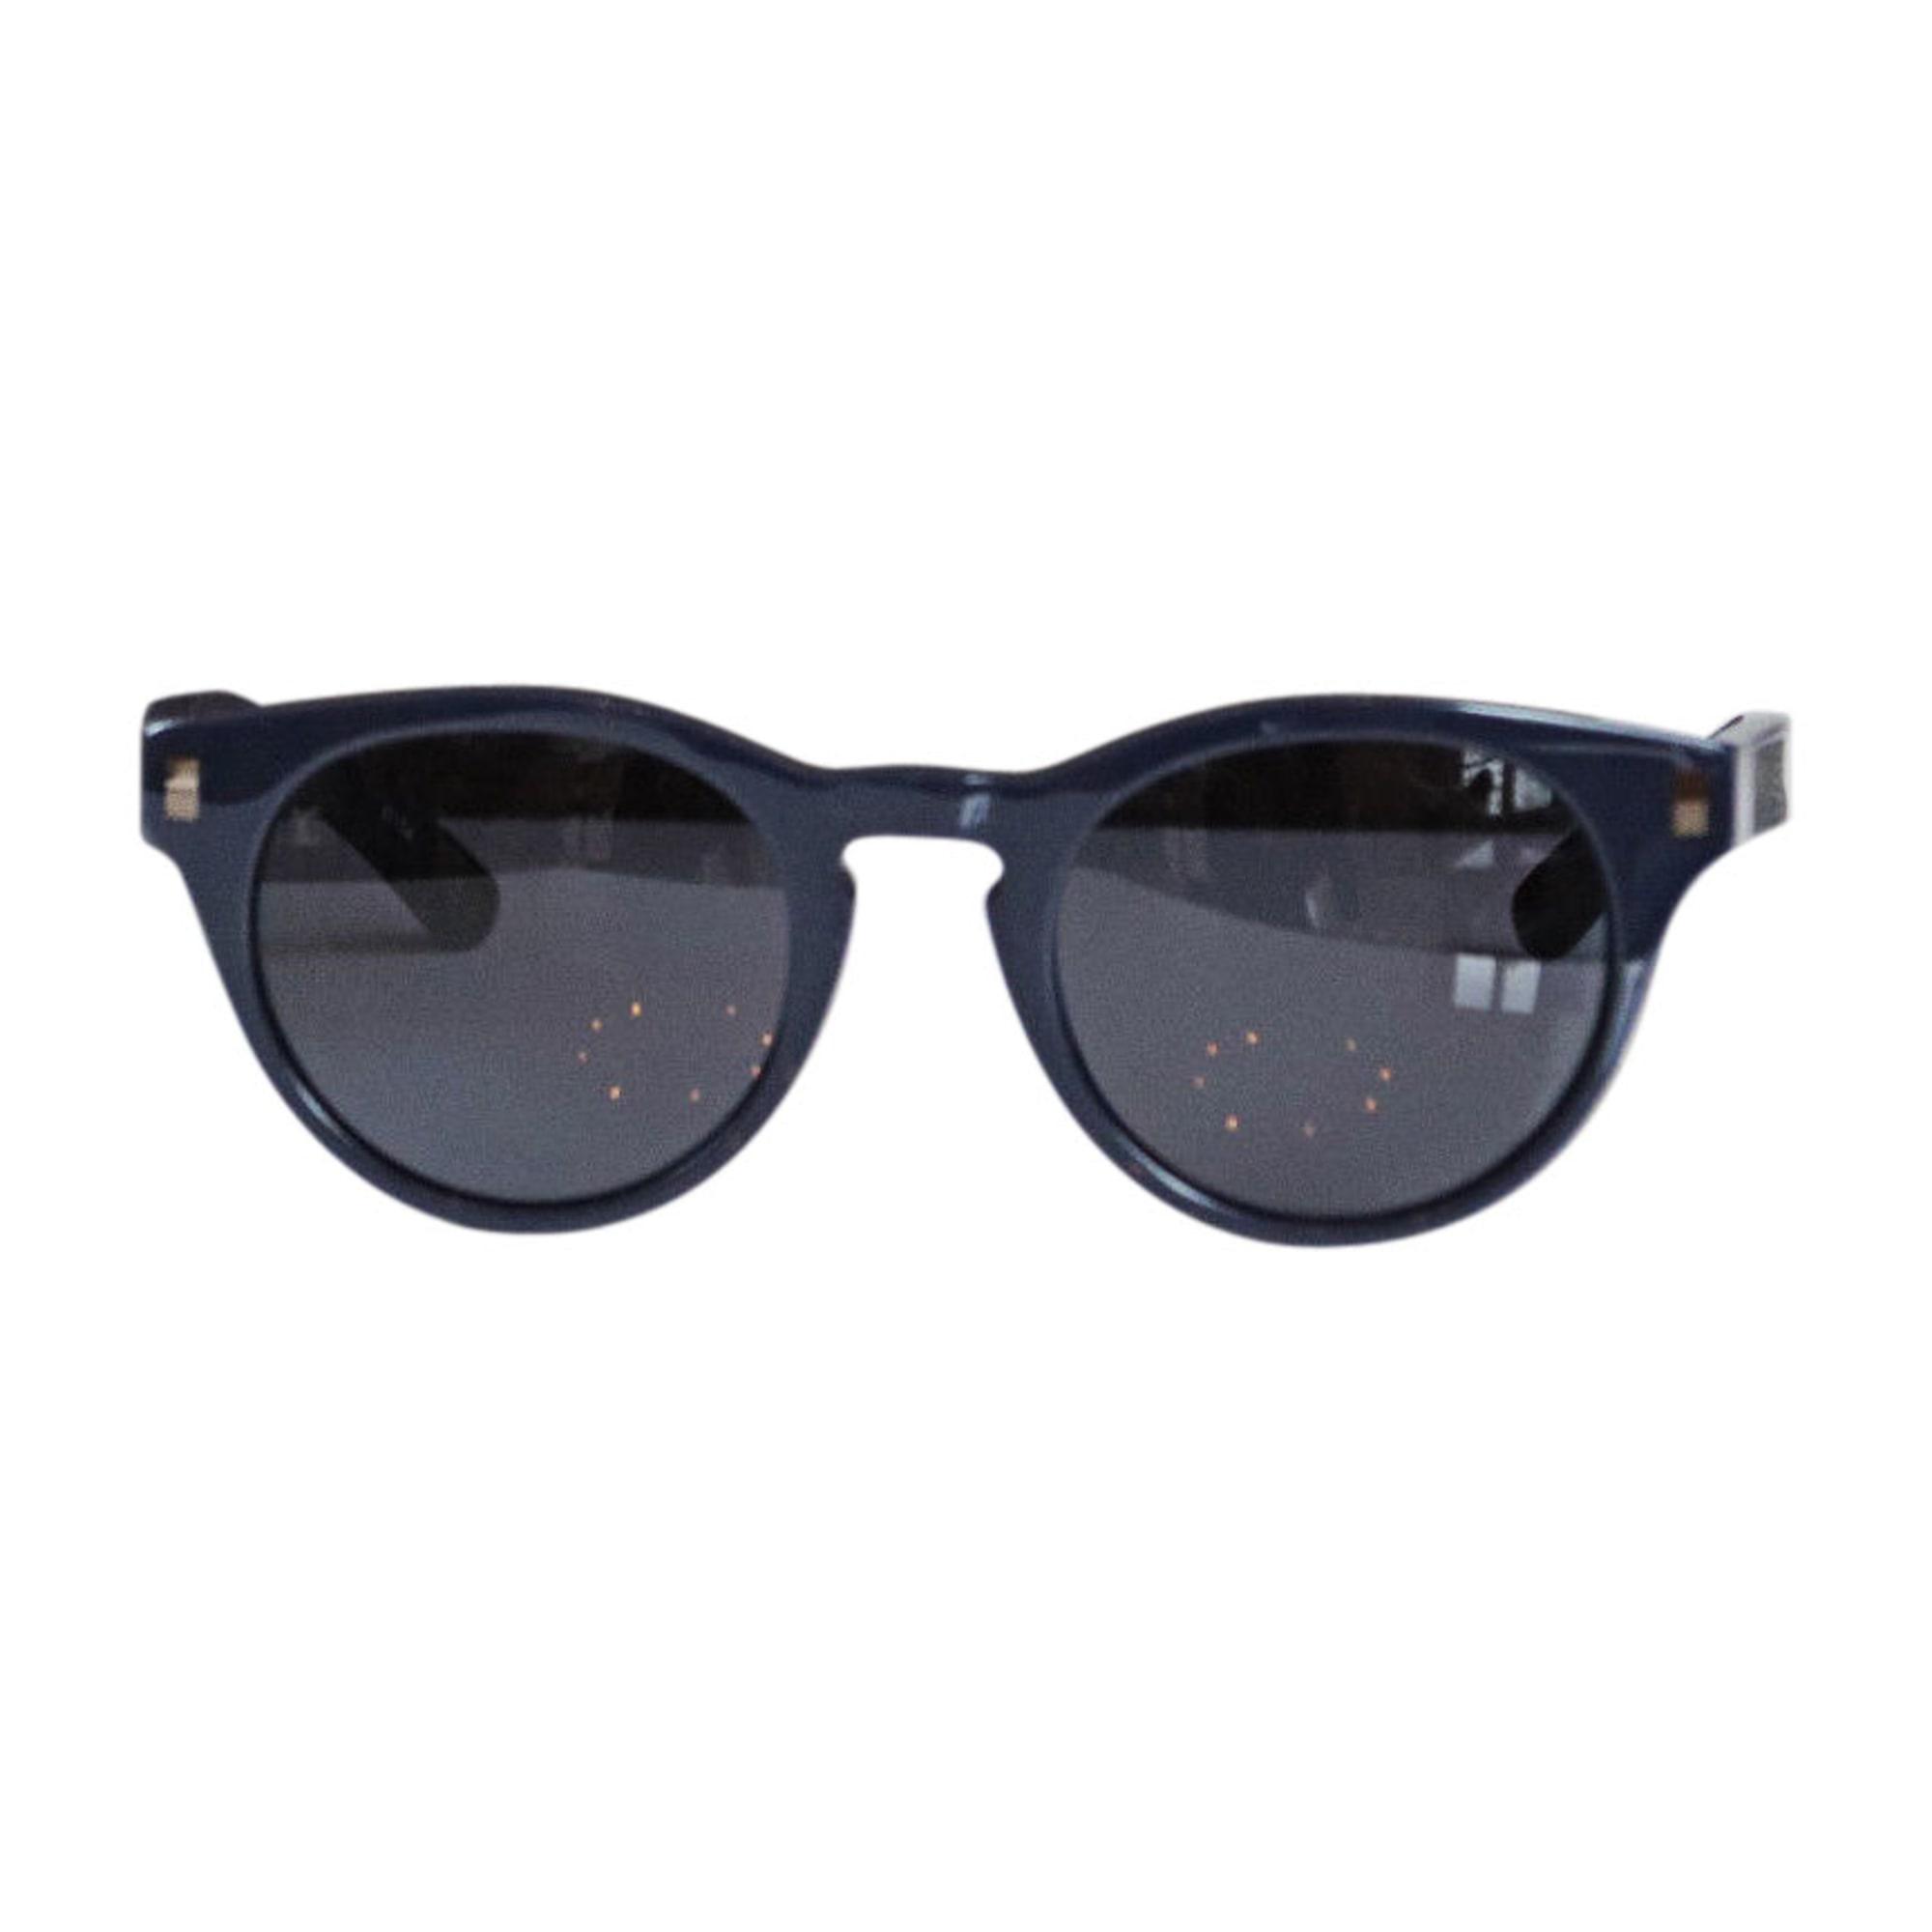 9f1bd74032f Lunettes de soleil LOUIS VUITTON bleu vendu par Doro03 - 7724148